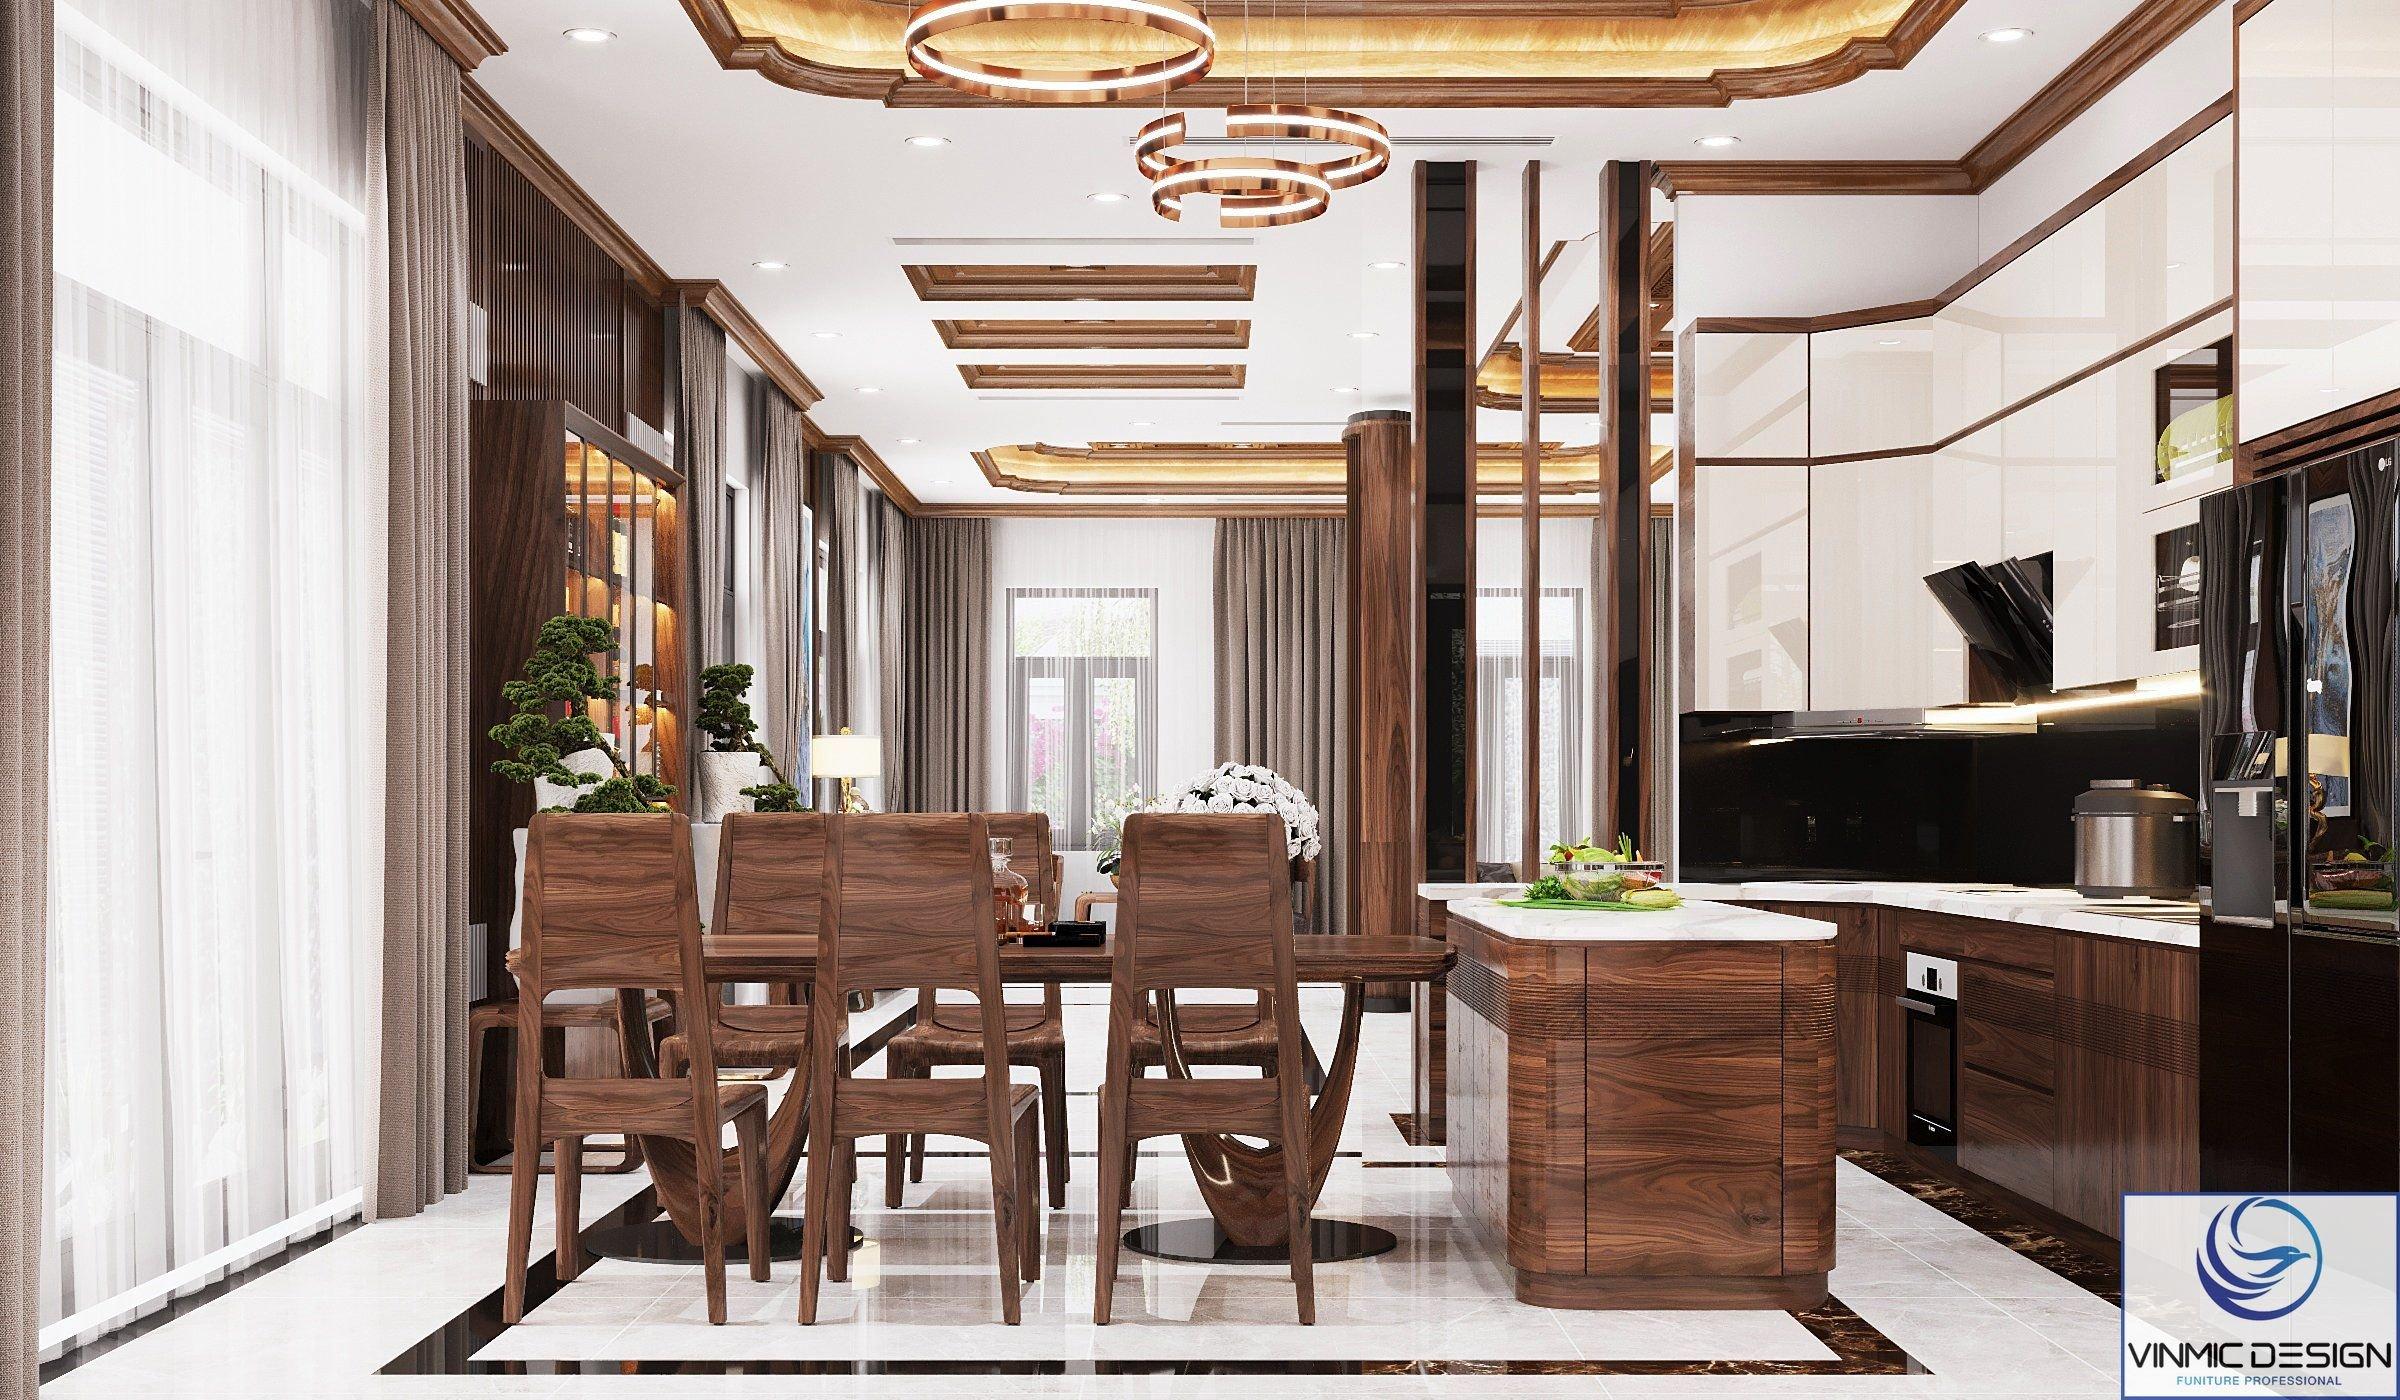 Nội thất gỗ luôn được ưu ái lựa chọn trong những phương án thiết kế phòng bếp ăn của biệt thự hiện đại